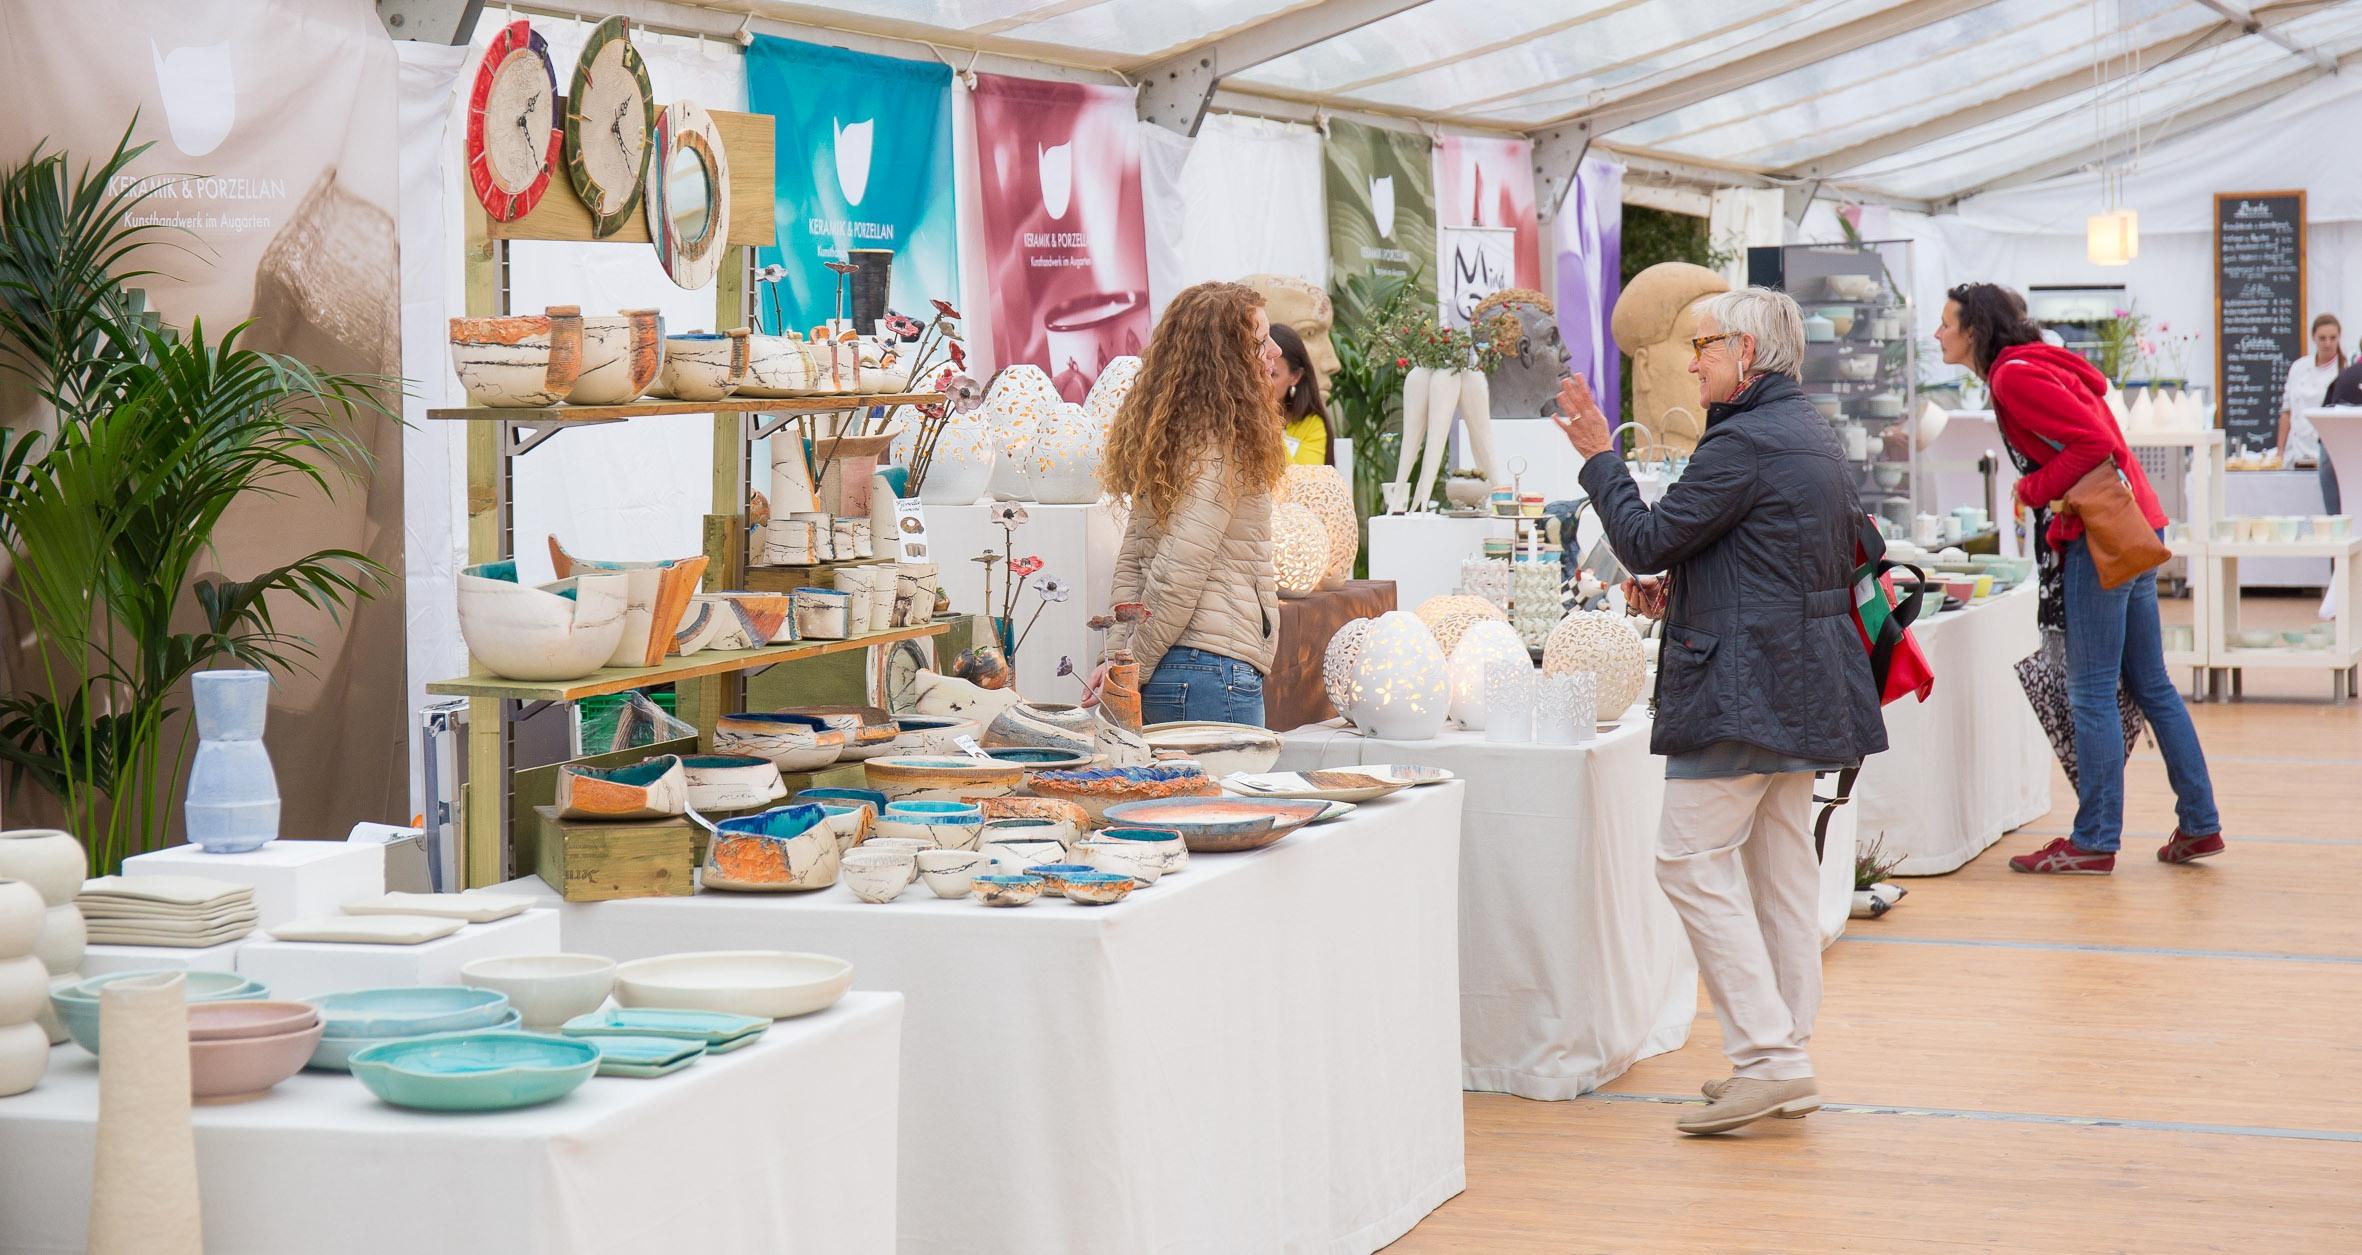 Keramik & Porzellan im Augarten - Kunst-Design-Handwerksmarkt